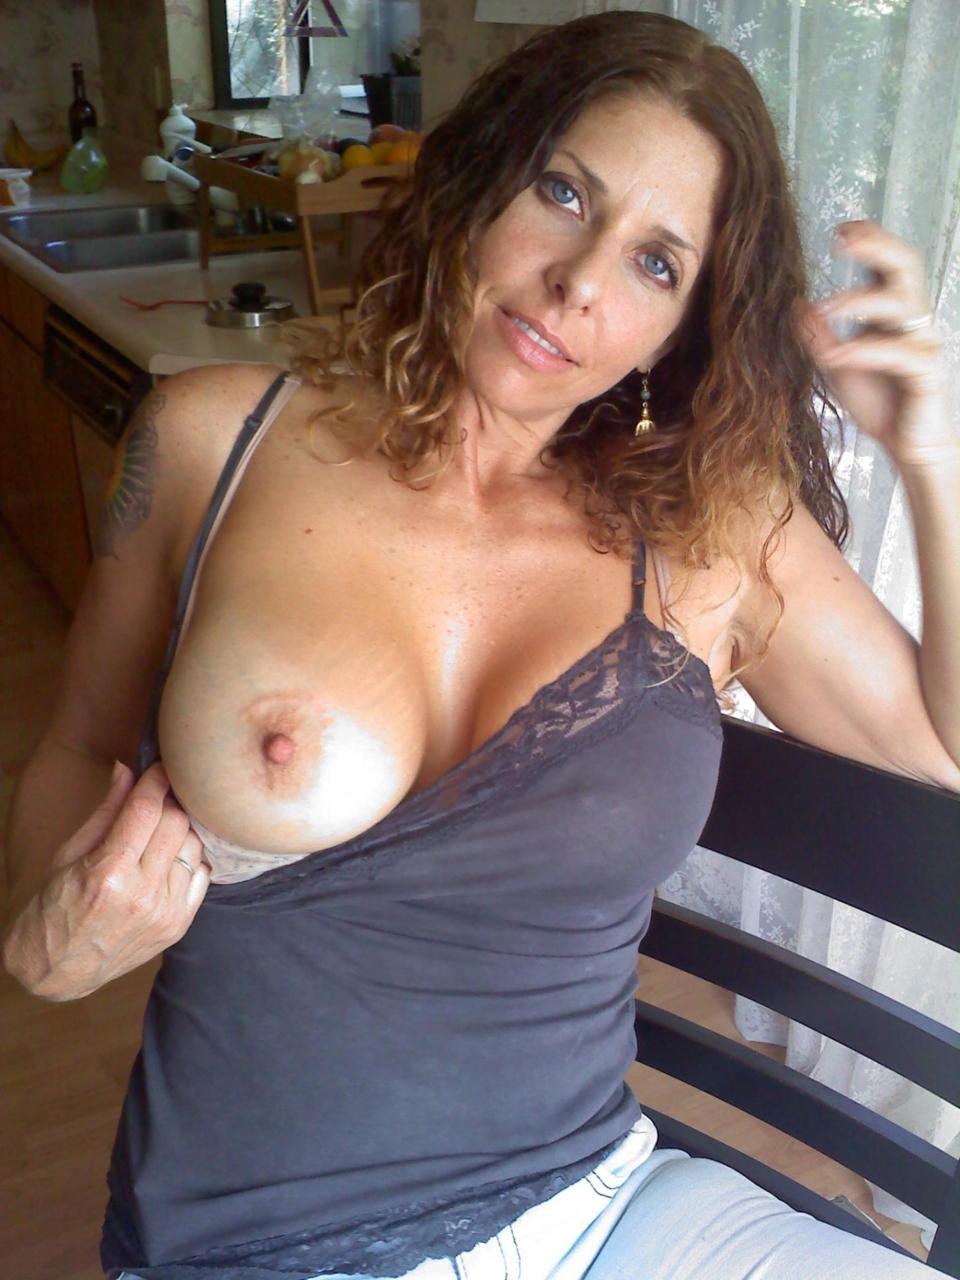 Сексуальные дамочки с сиськами находятся дома голышом 10 фото